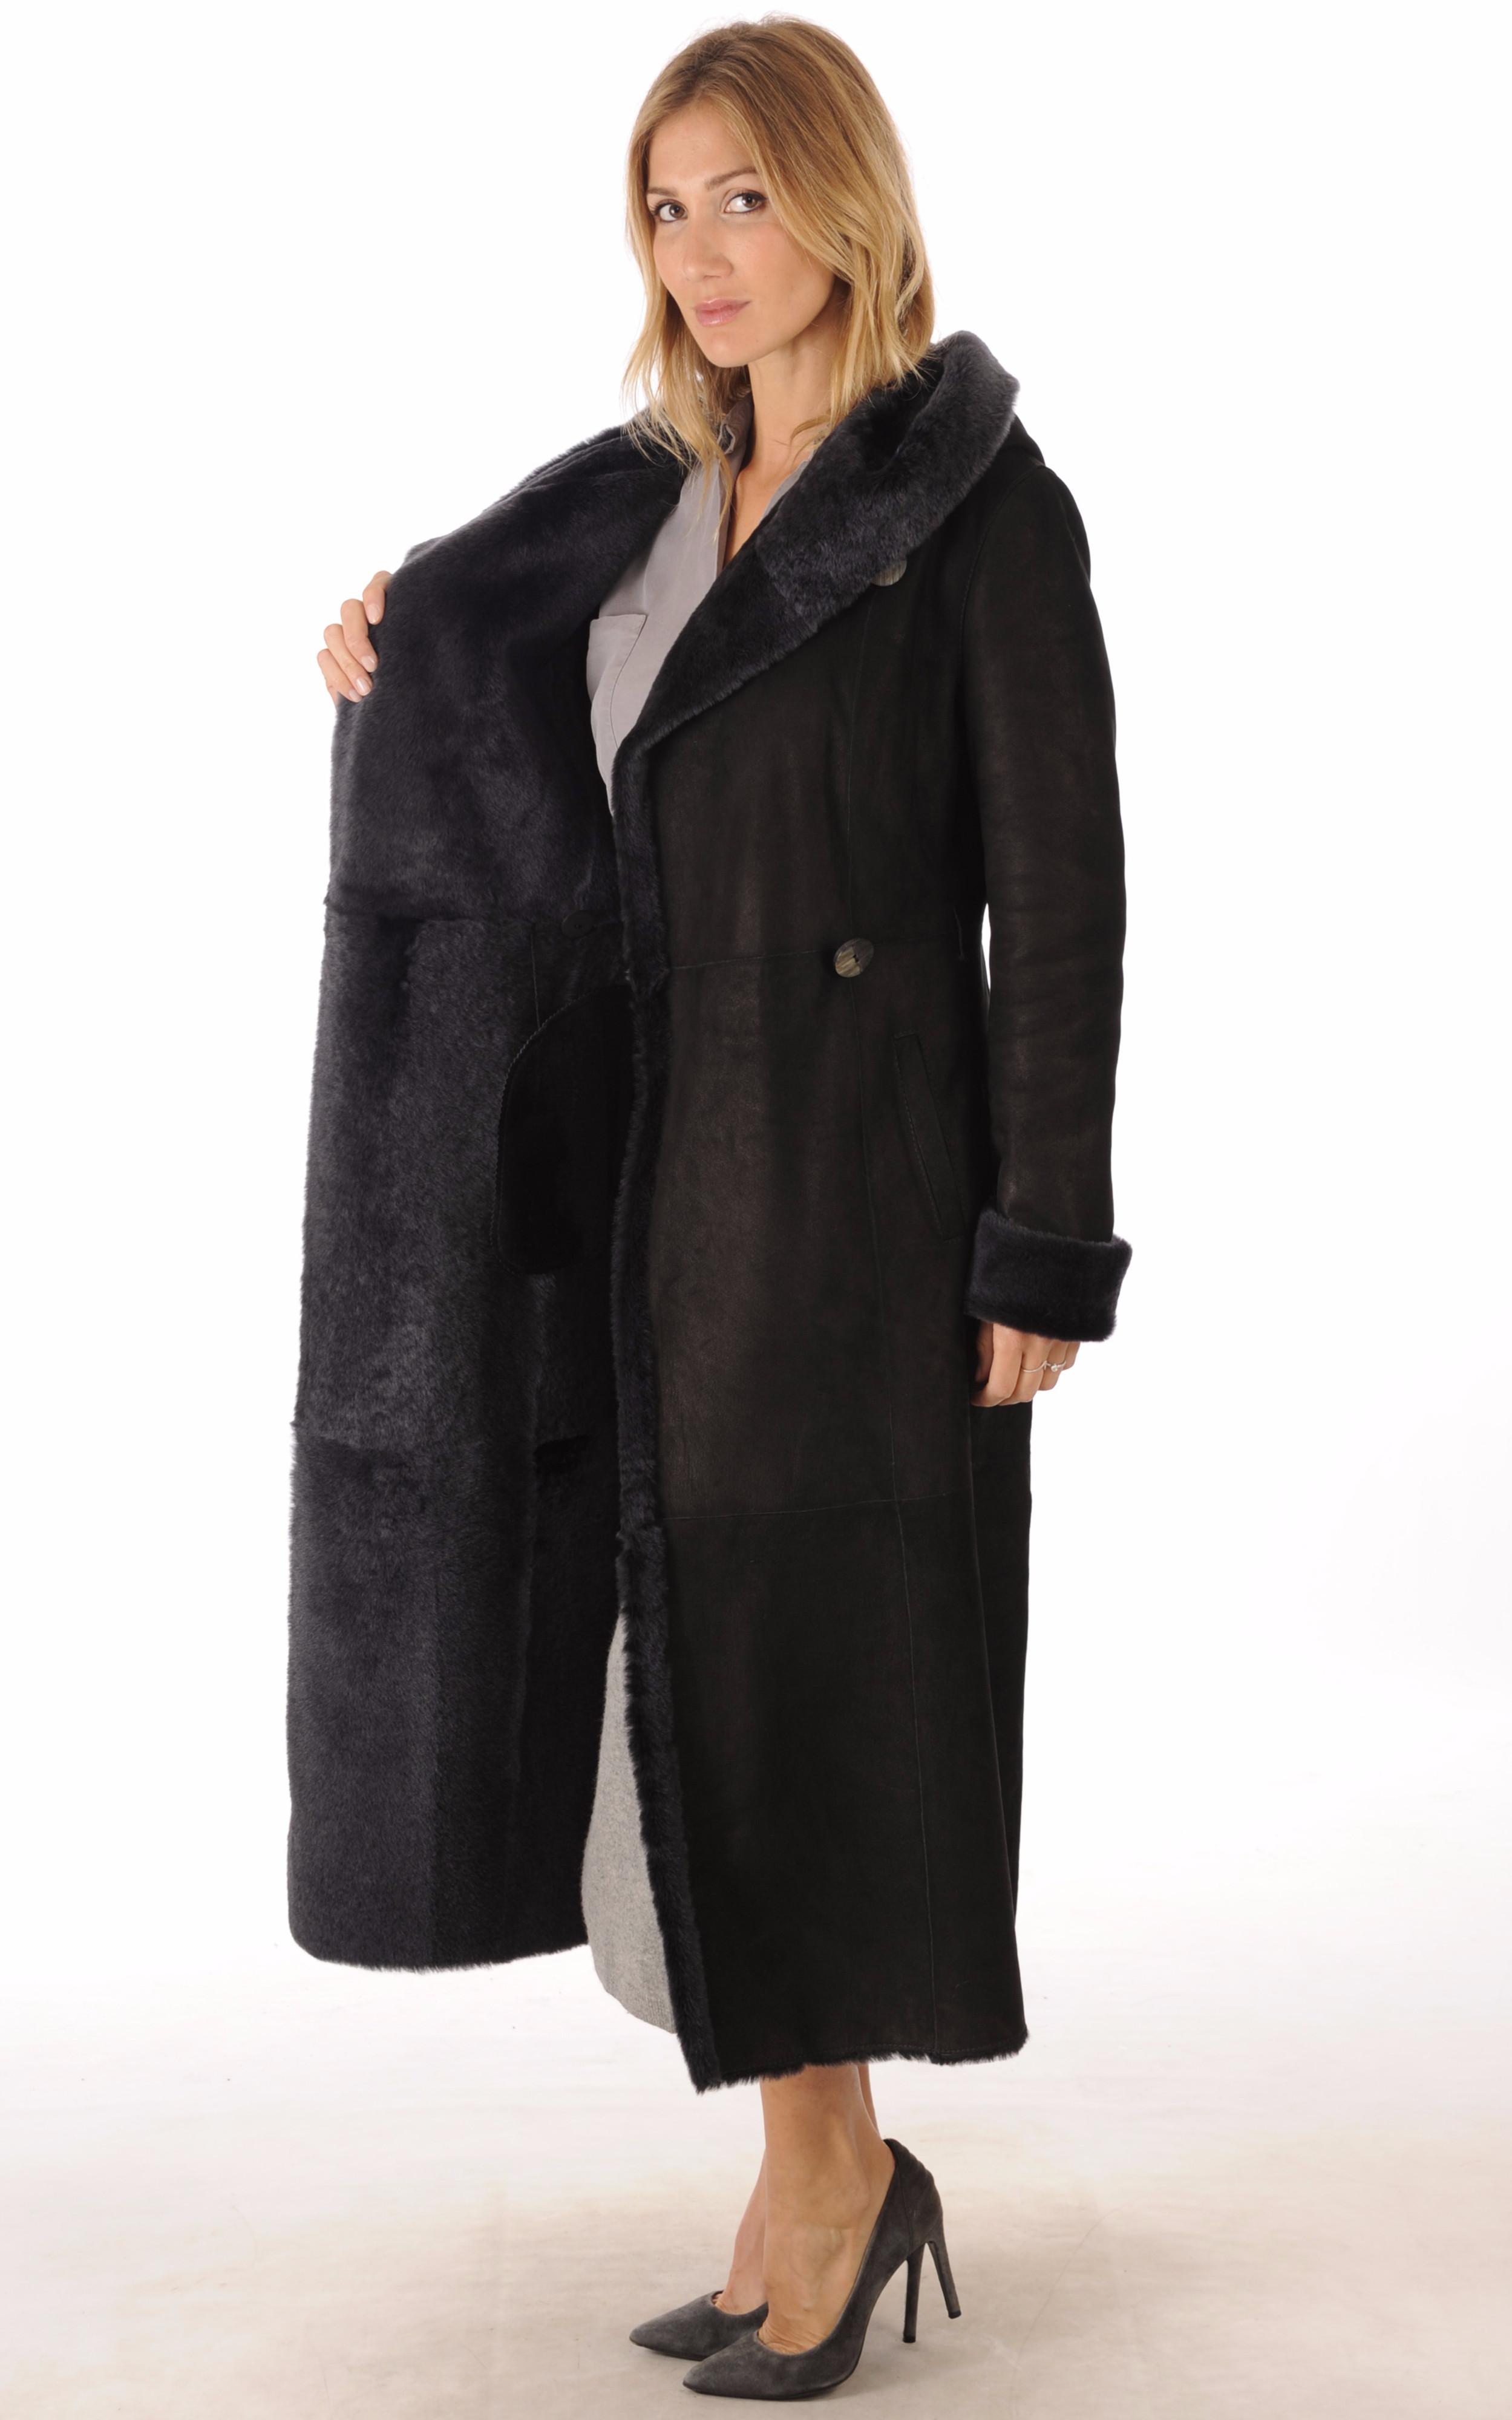 Manteau Peau Lainée Noir Bleuté La Canadienne